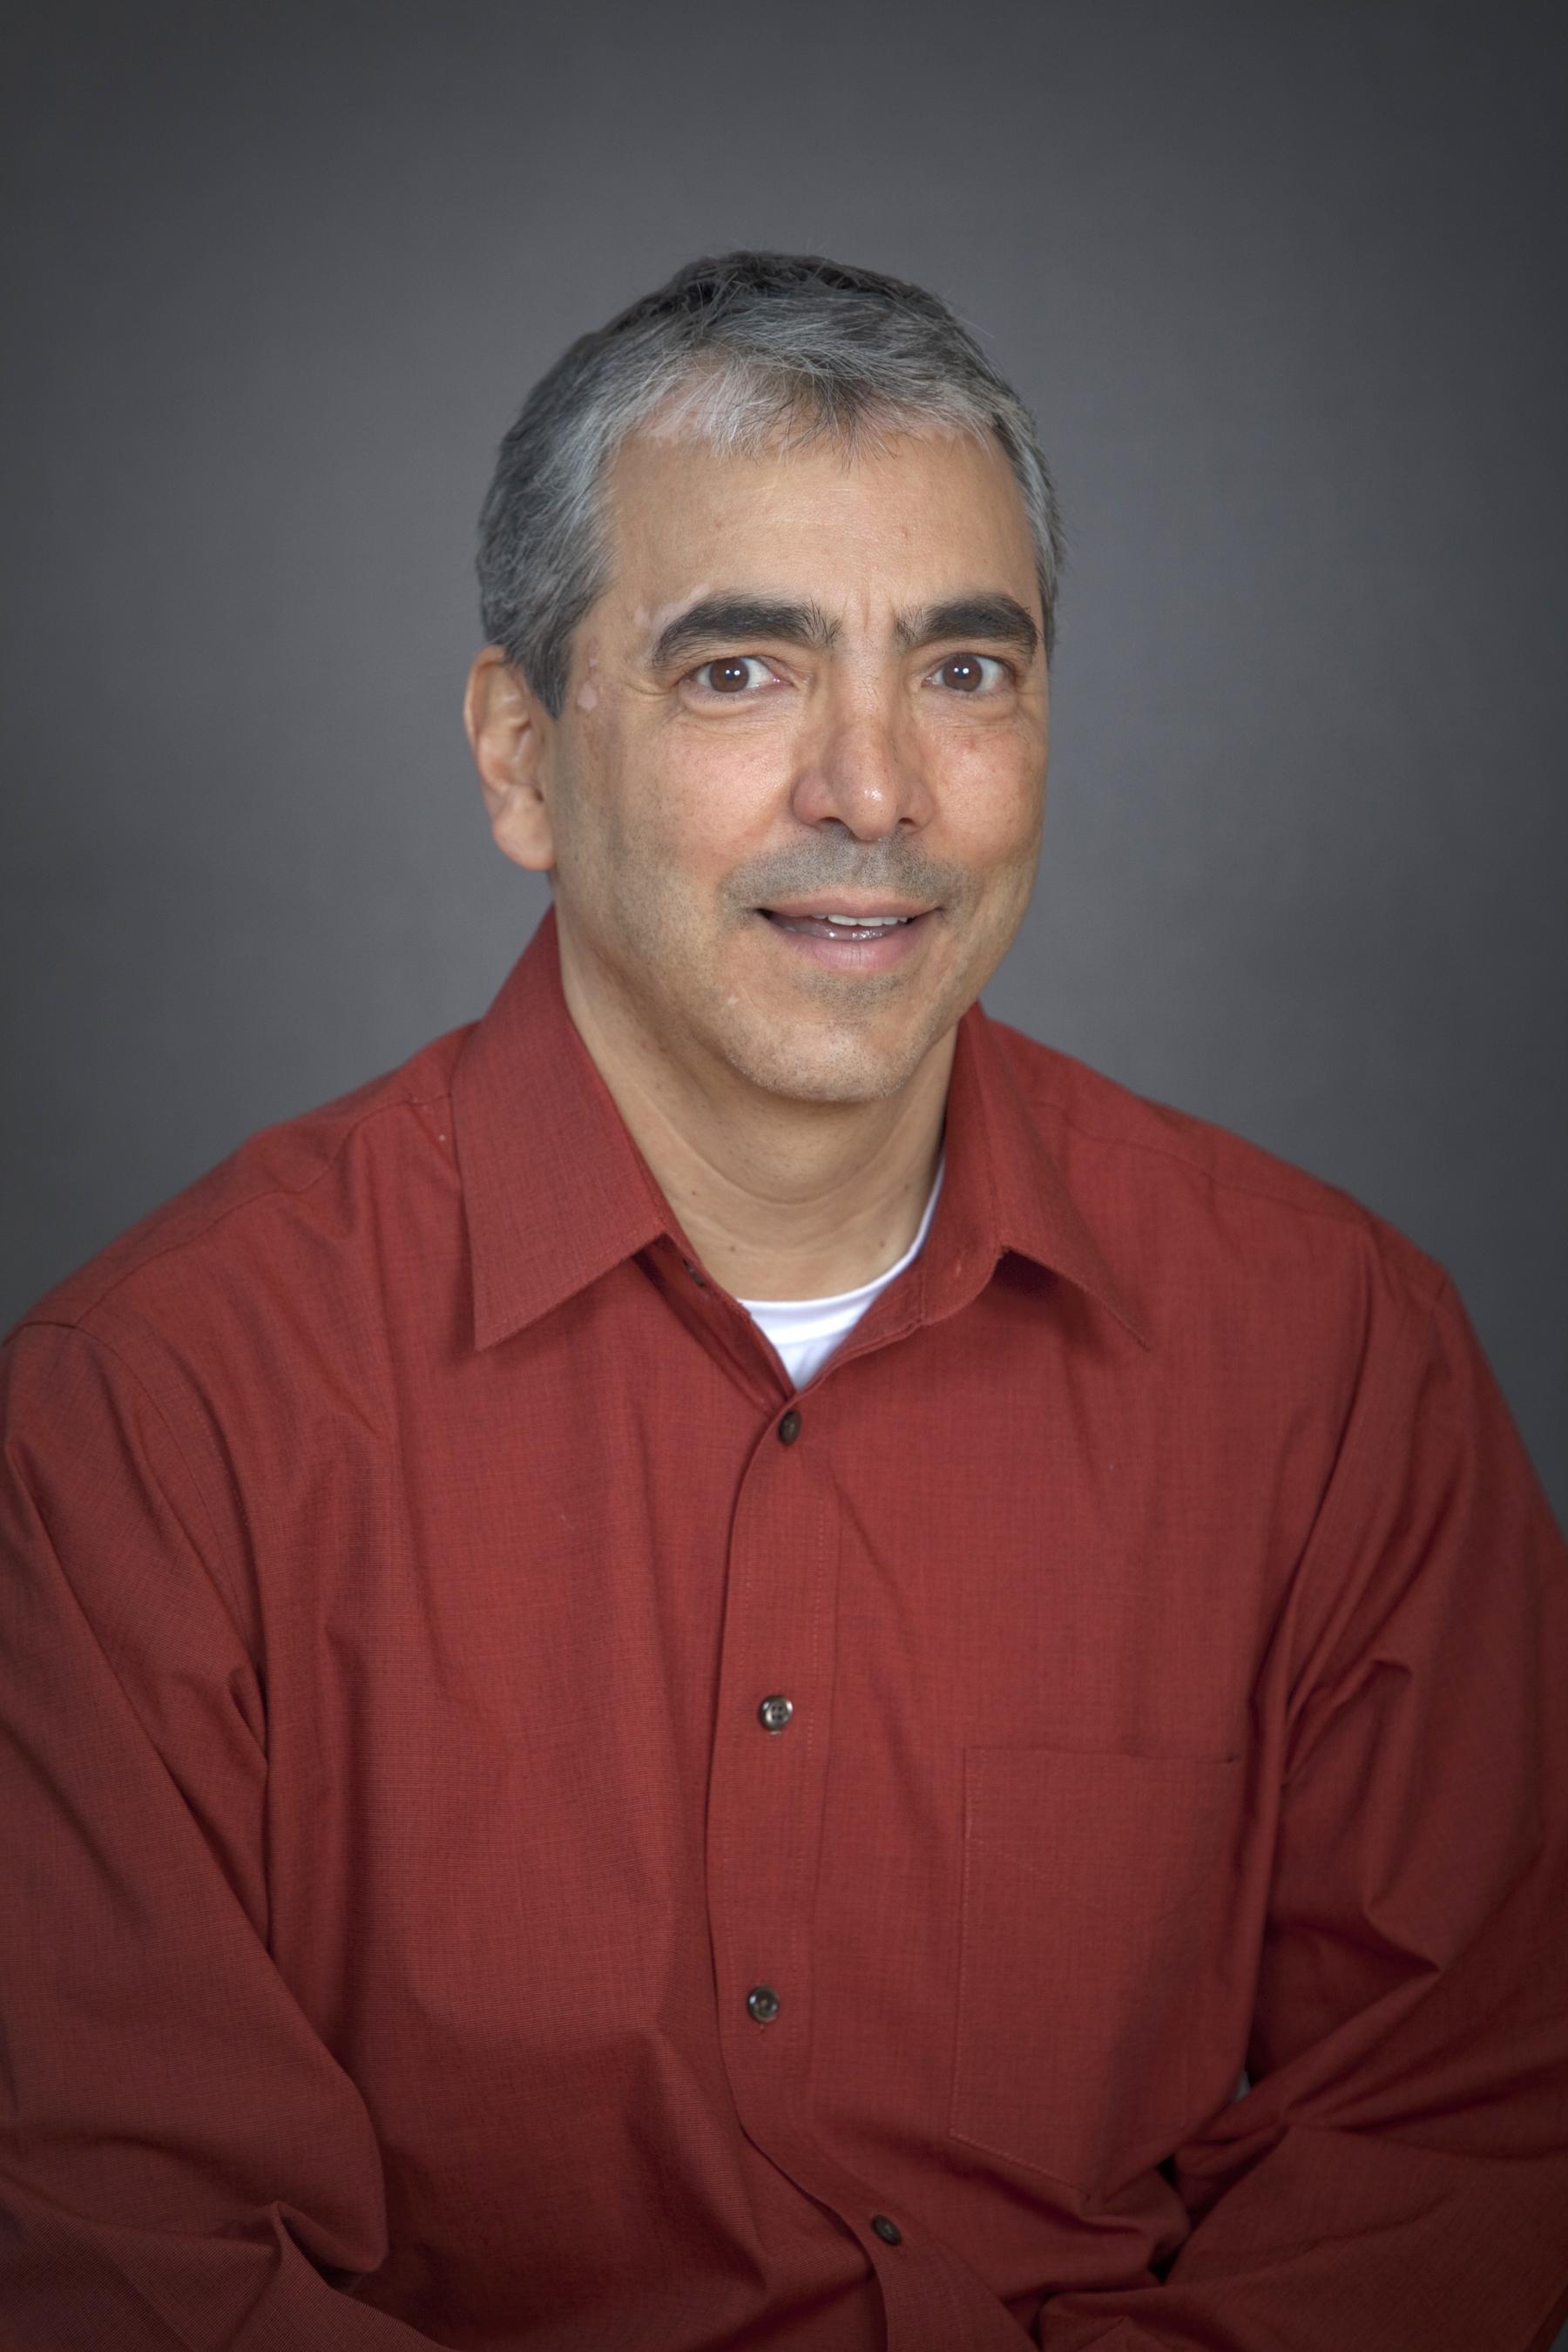 Marty Esquibel